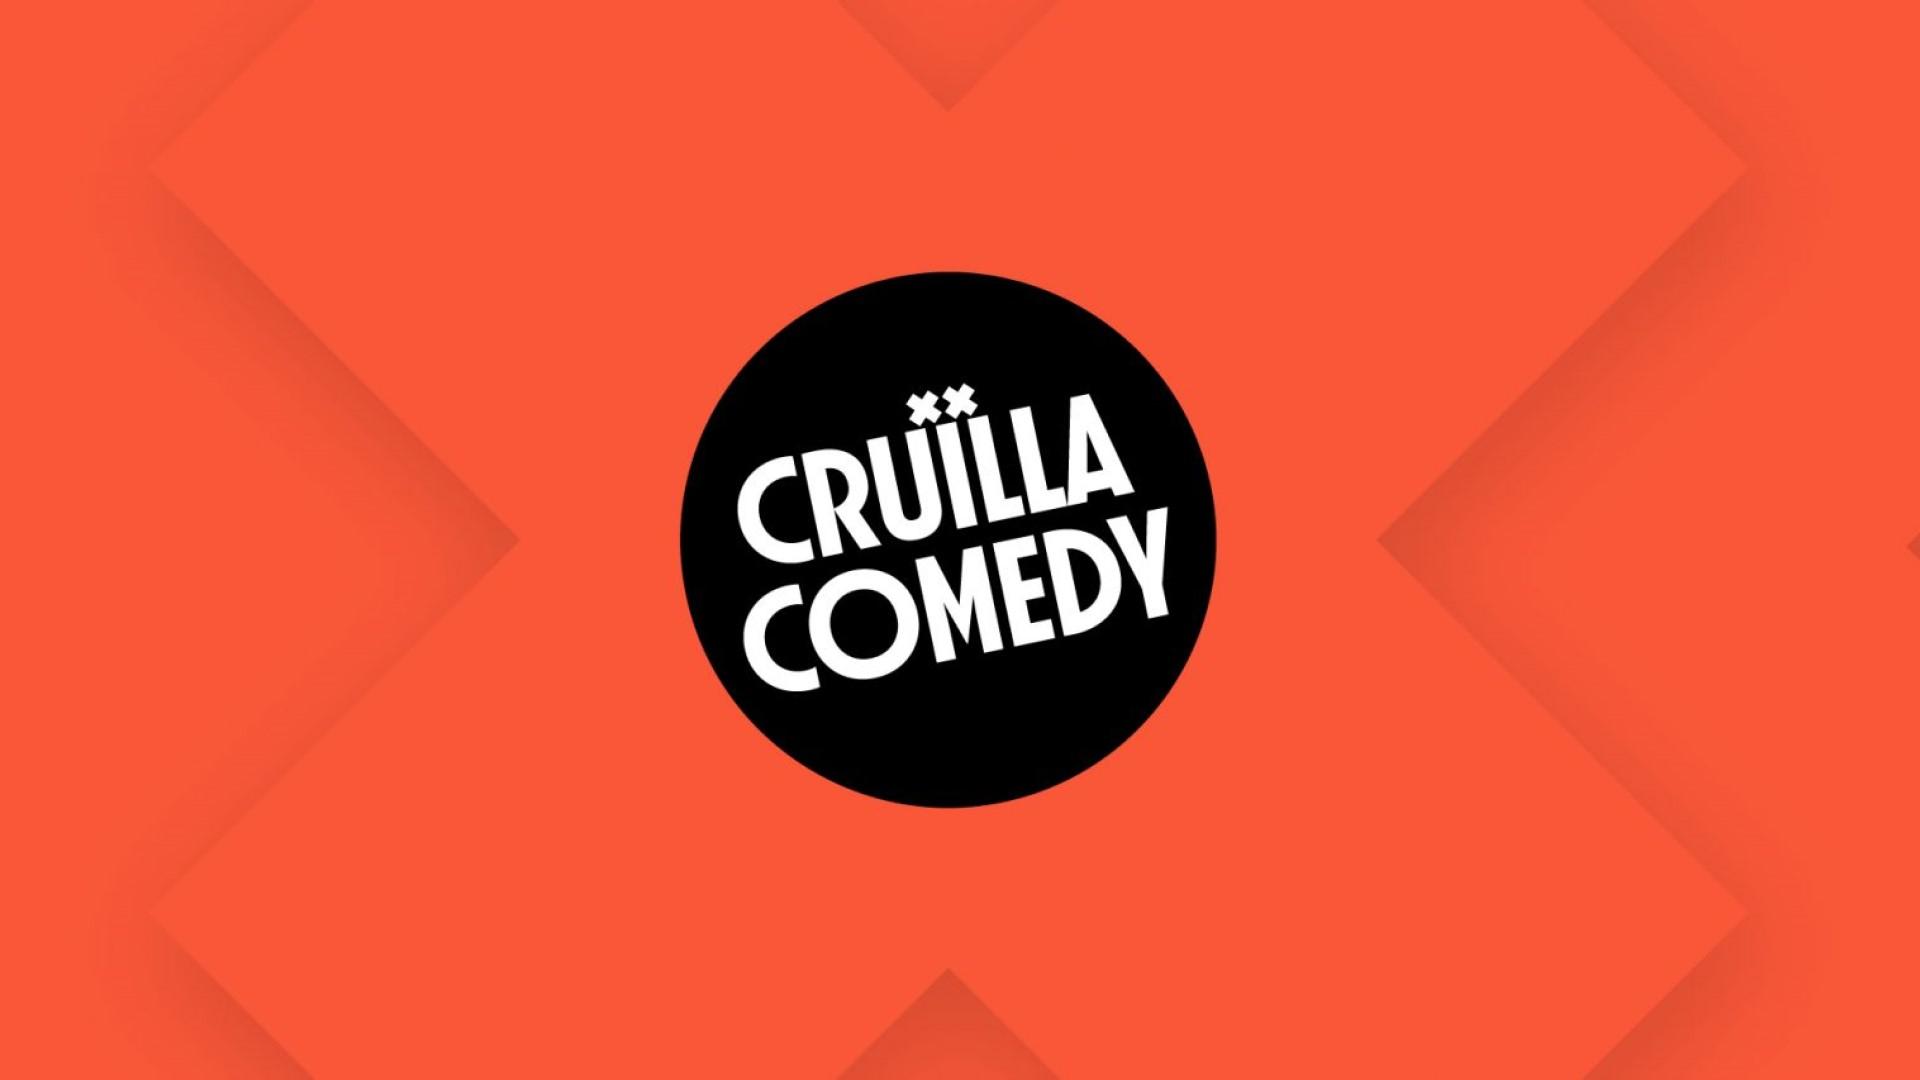 Cruïlla Comedy